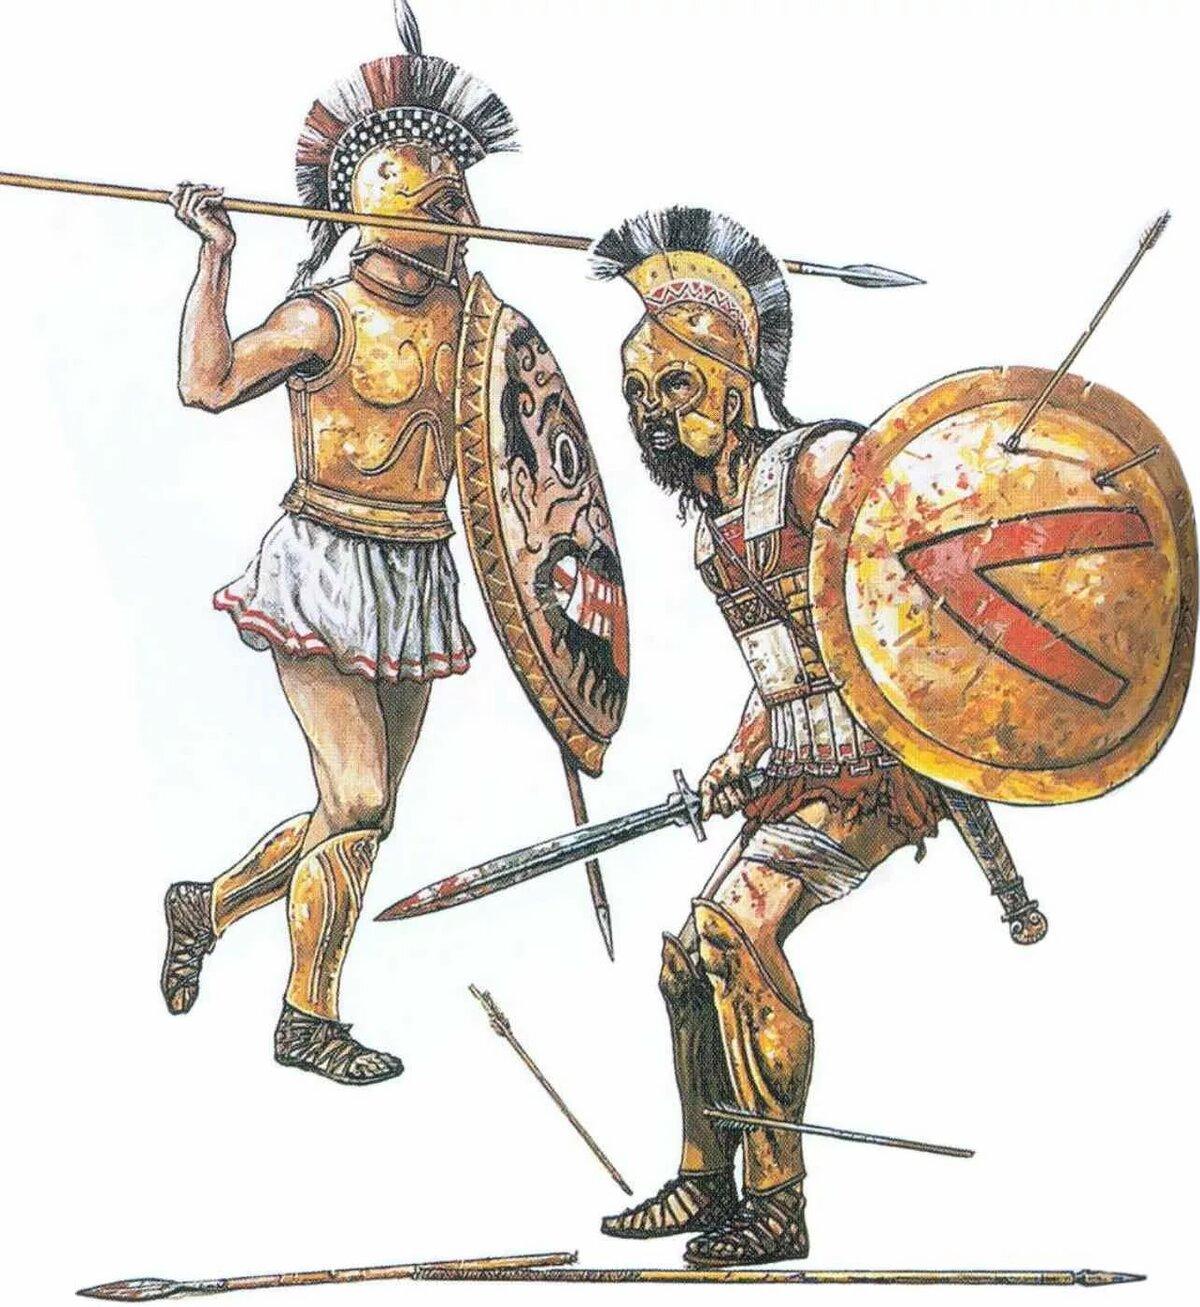 горизонтальные жалюзи доспехи воина древней греции картинки инаугурационным круизом корабля